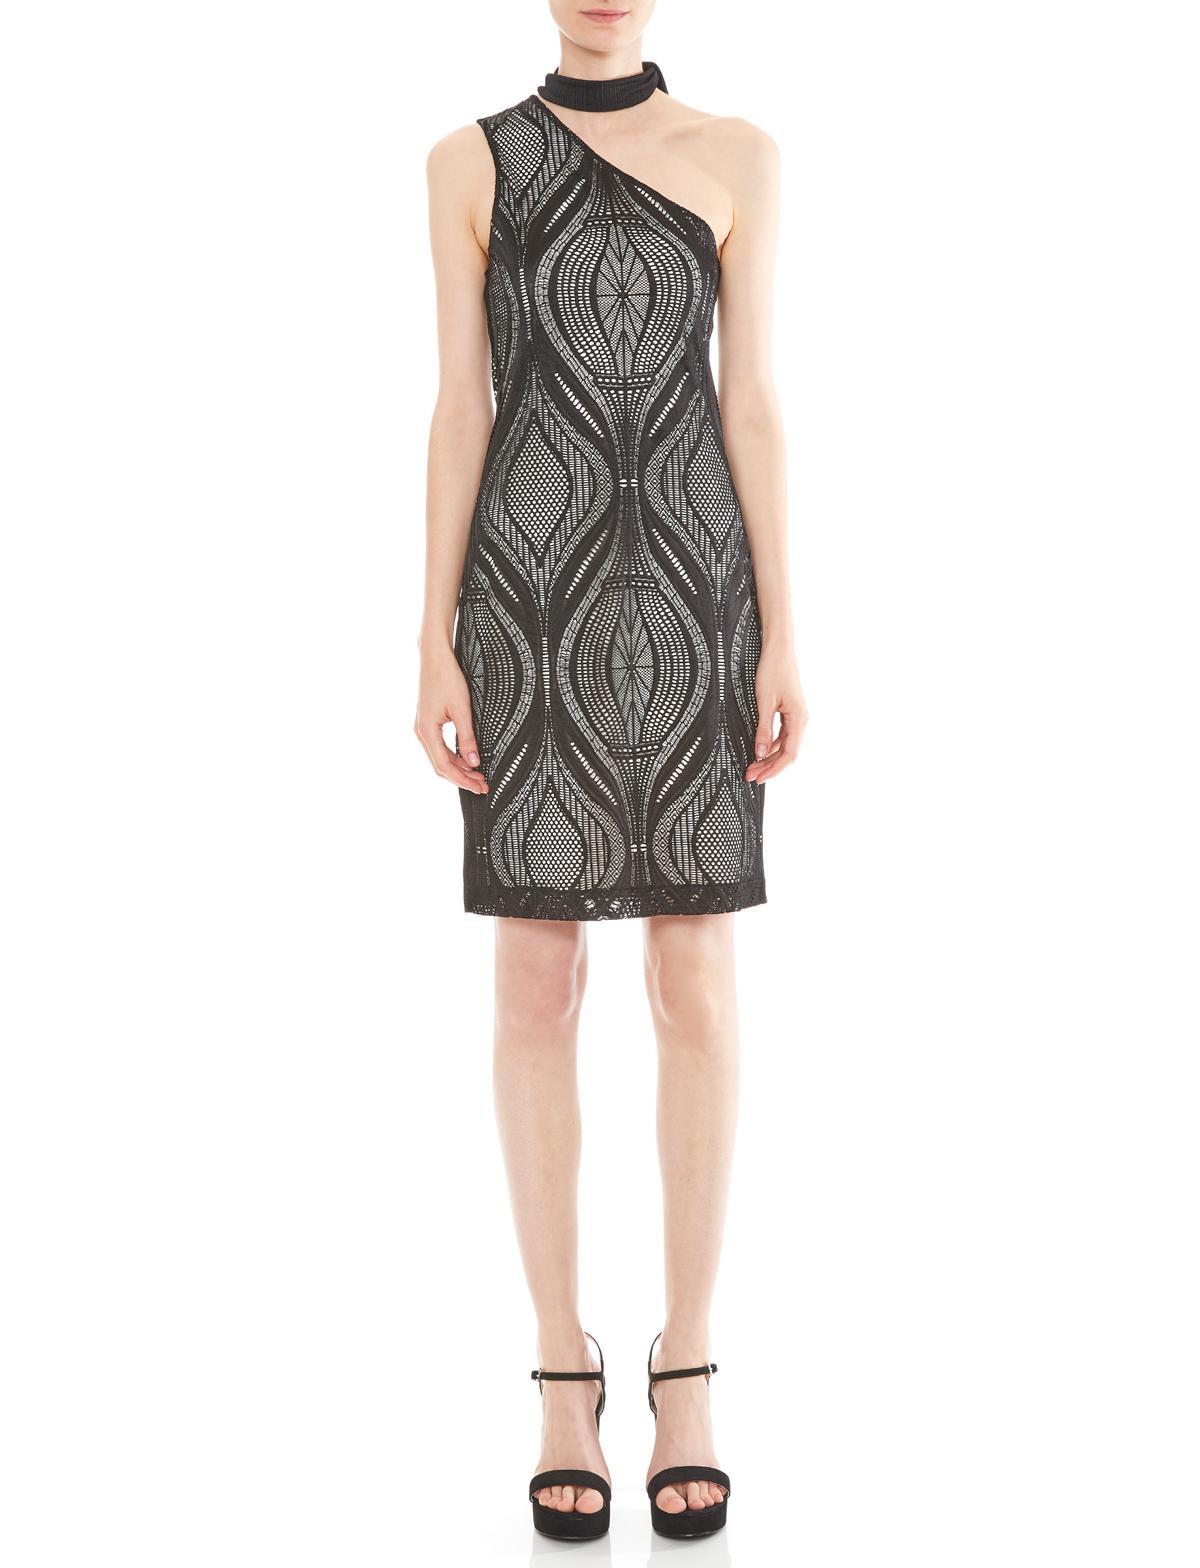 Vorderansicht von Ana Alcazar One-Shoulder Kleid Mulena  angezogen an Model